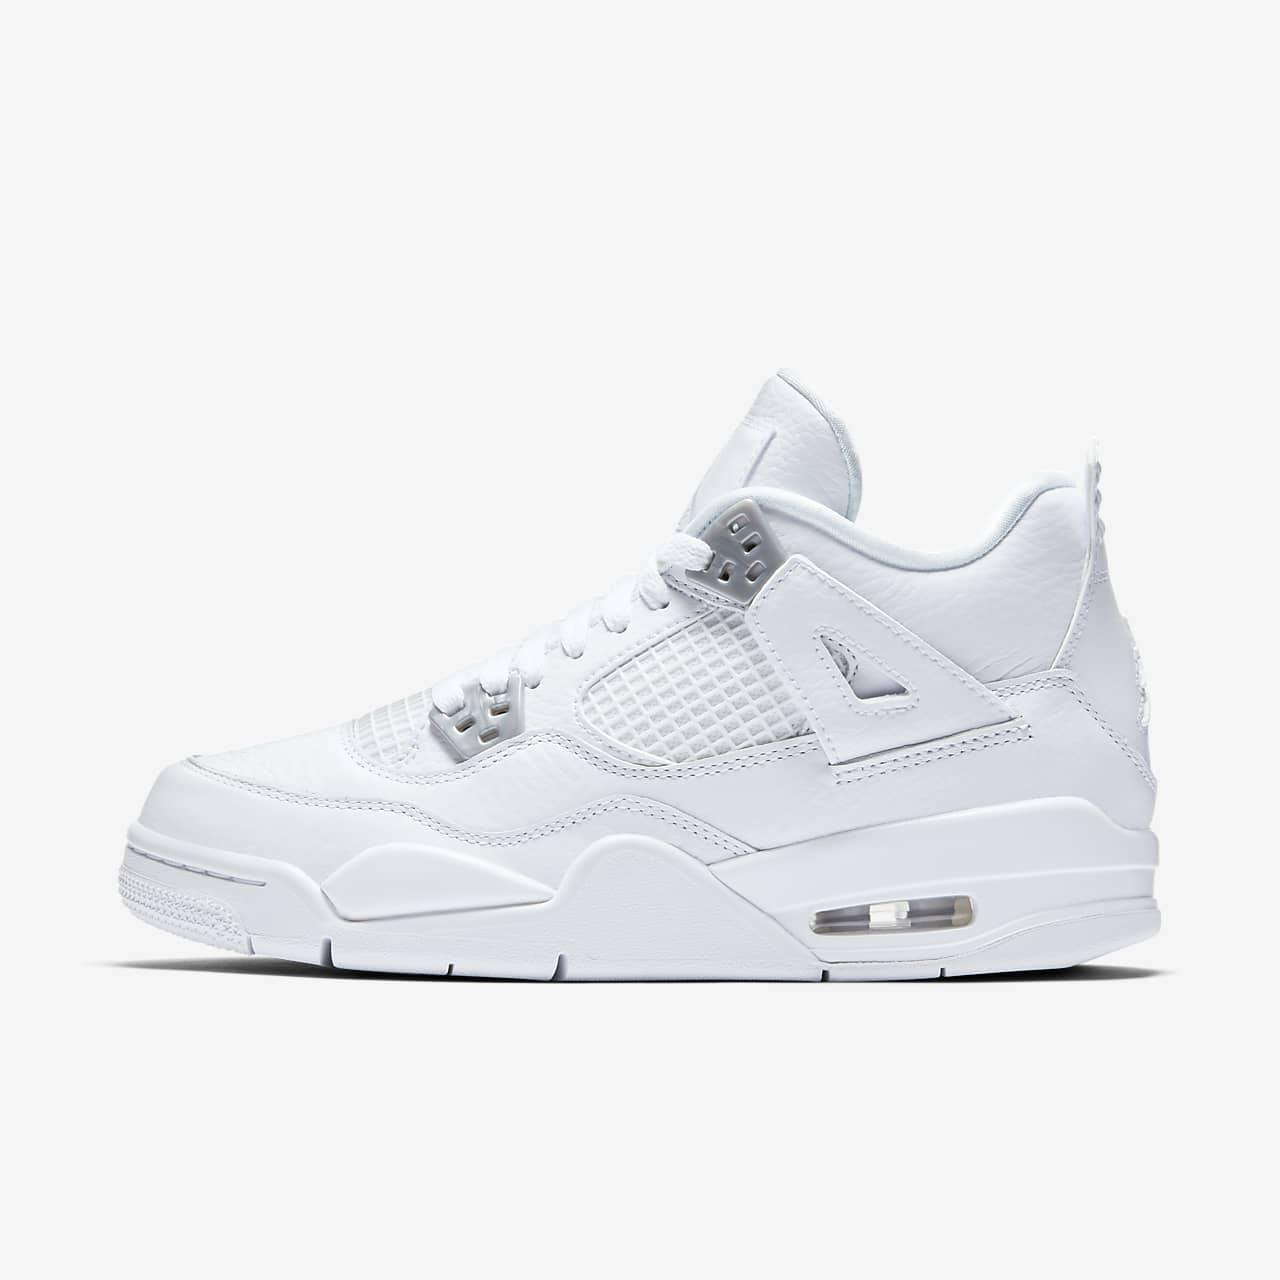 Air Jordan 4 Retro Older Kids' Shoe